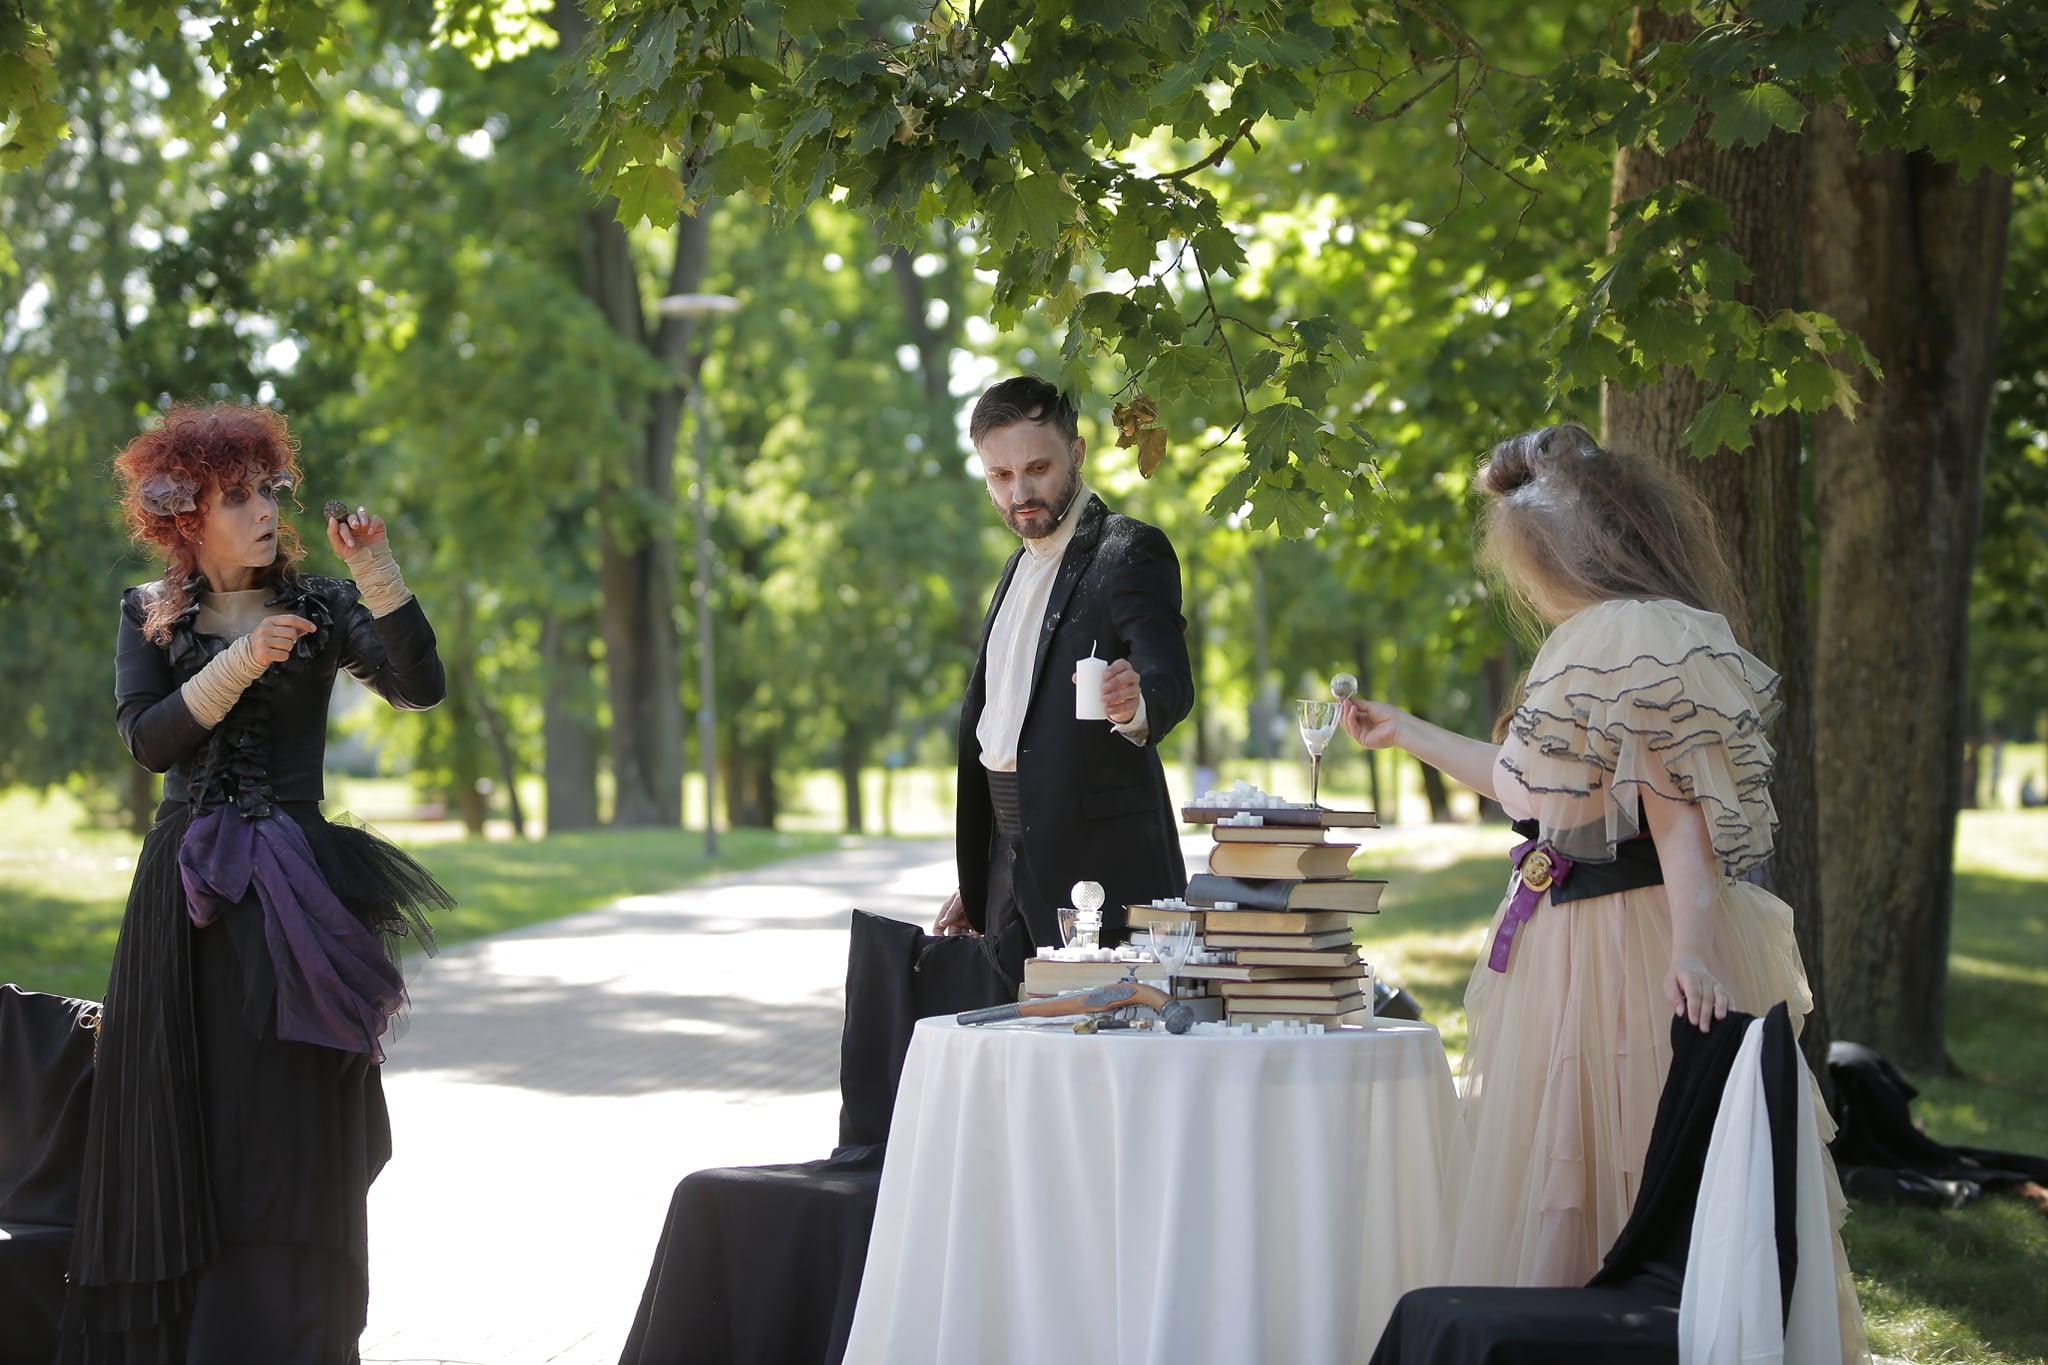 """Knygos teatro spektaklis """"Prabangos"""", nuotraukoje aktoriai (iš kairės) Redita Dominaitytė, Eimutis Kvoščiauskas, Virginija Kuklytė. Projektas """"Laiko efektai""""."""